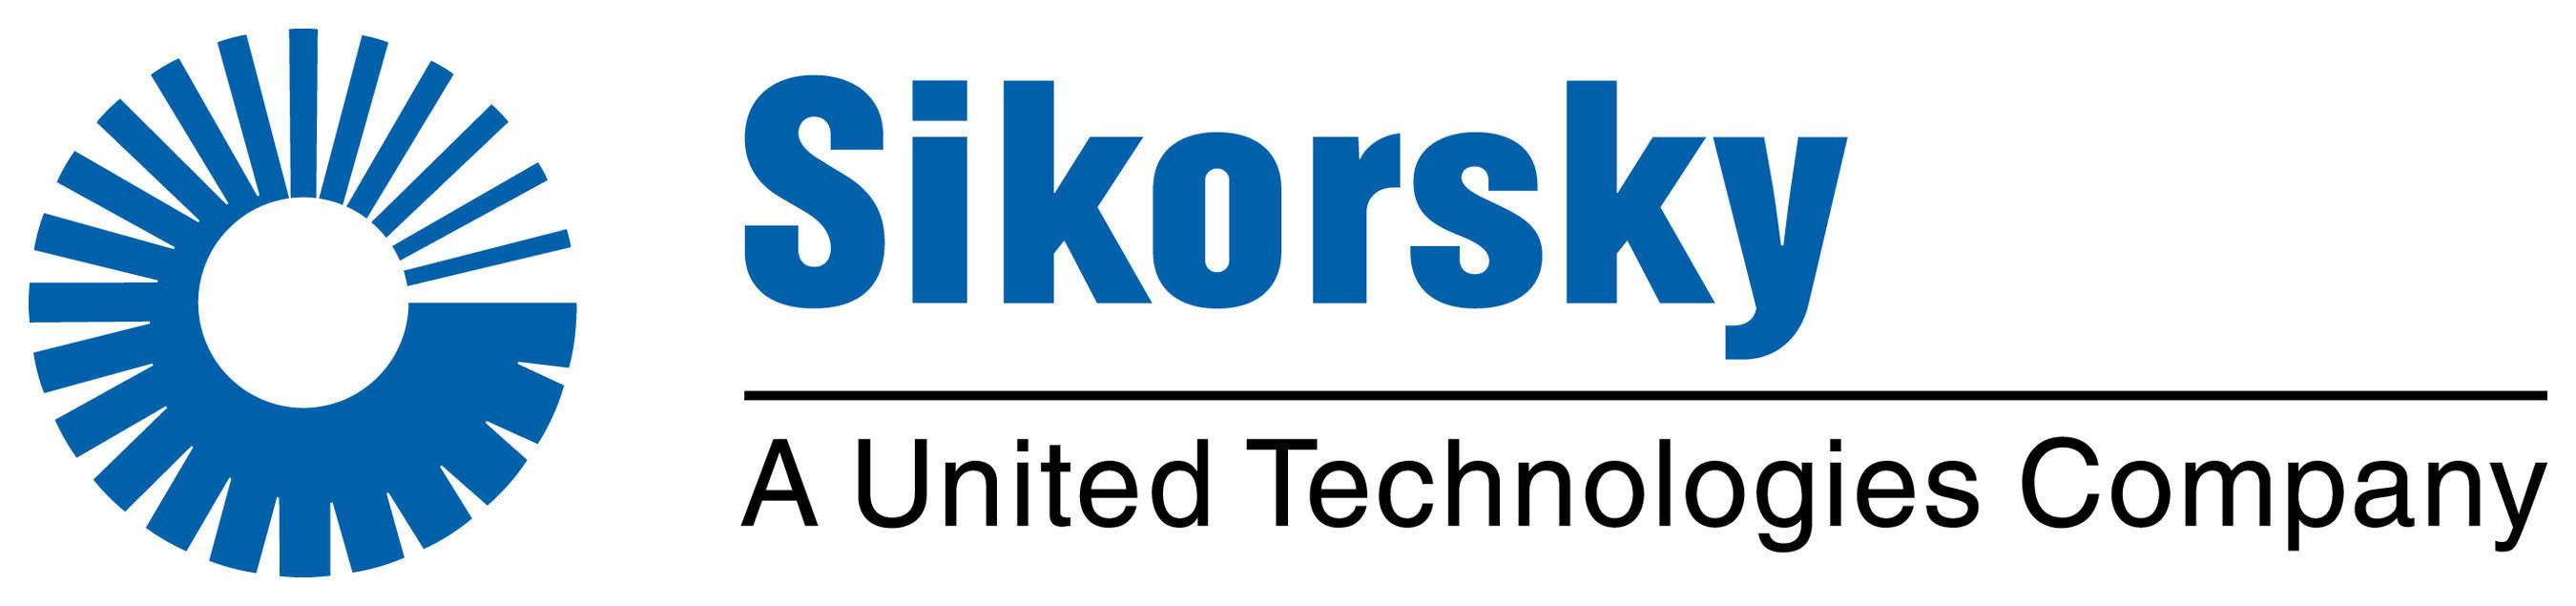 Sikorsky Logo.